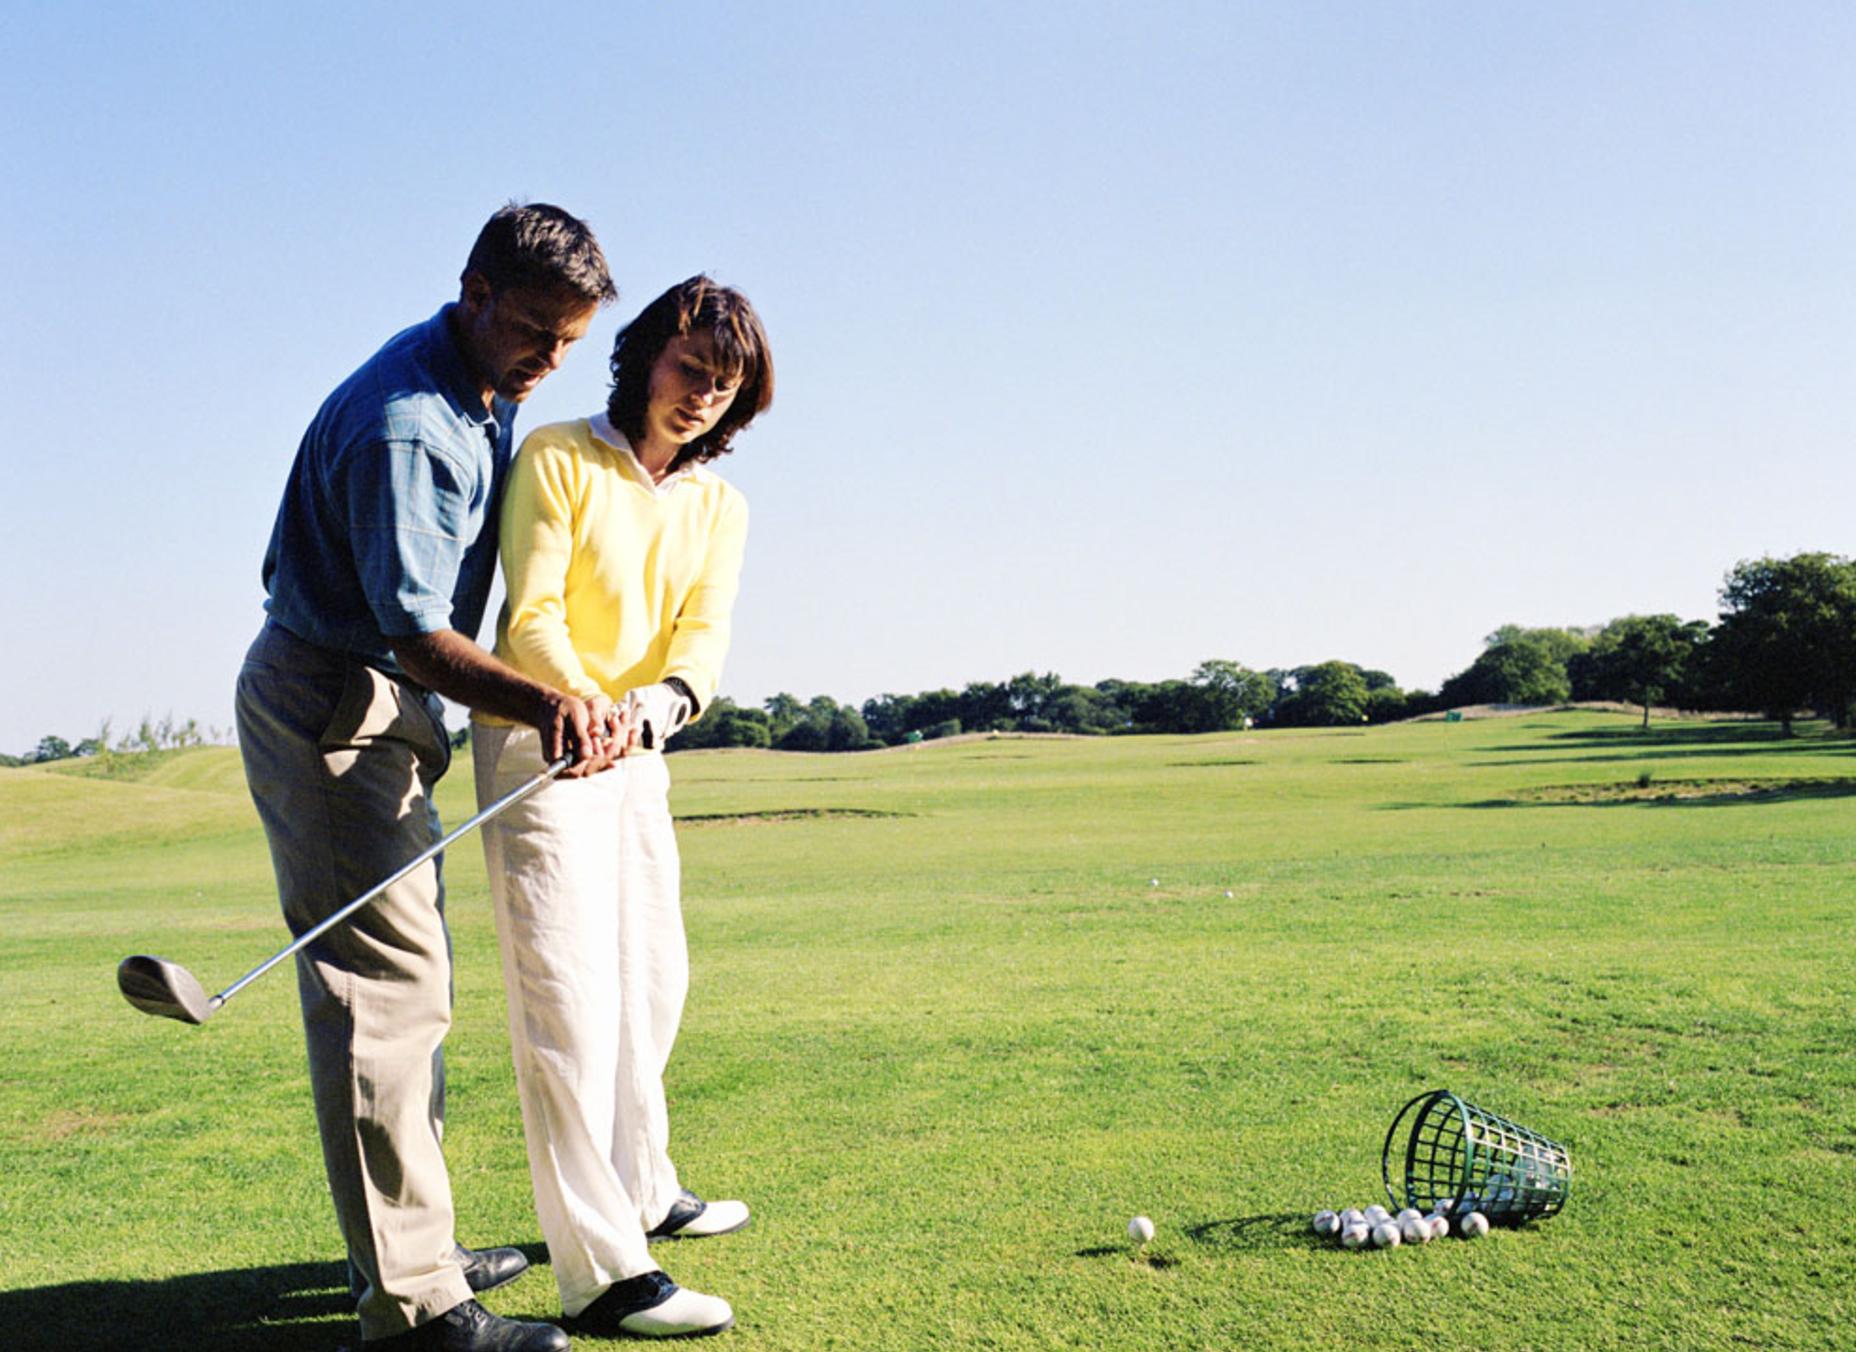 终于知道为什么有钱人都喜欢打高尔夫了!